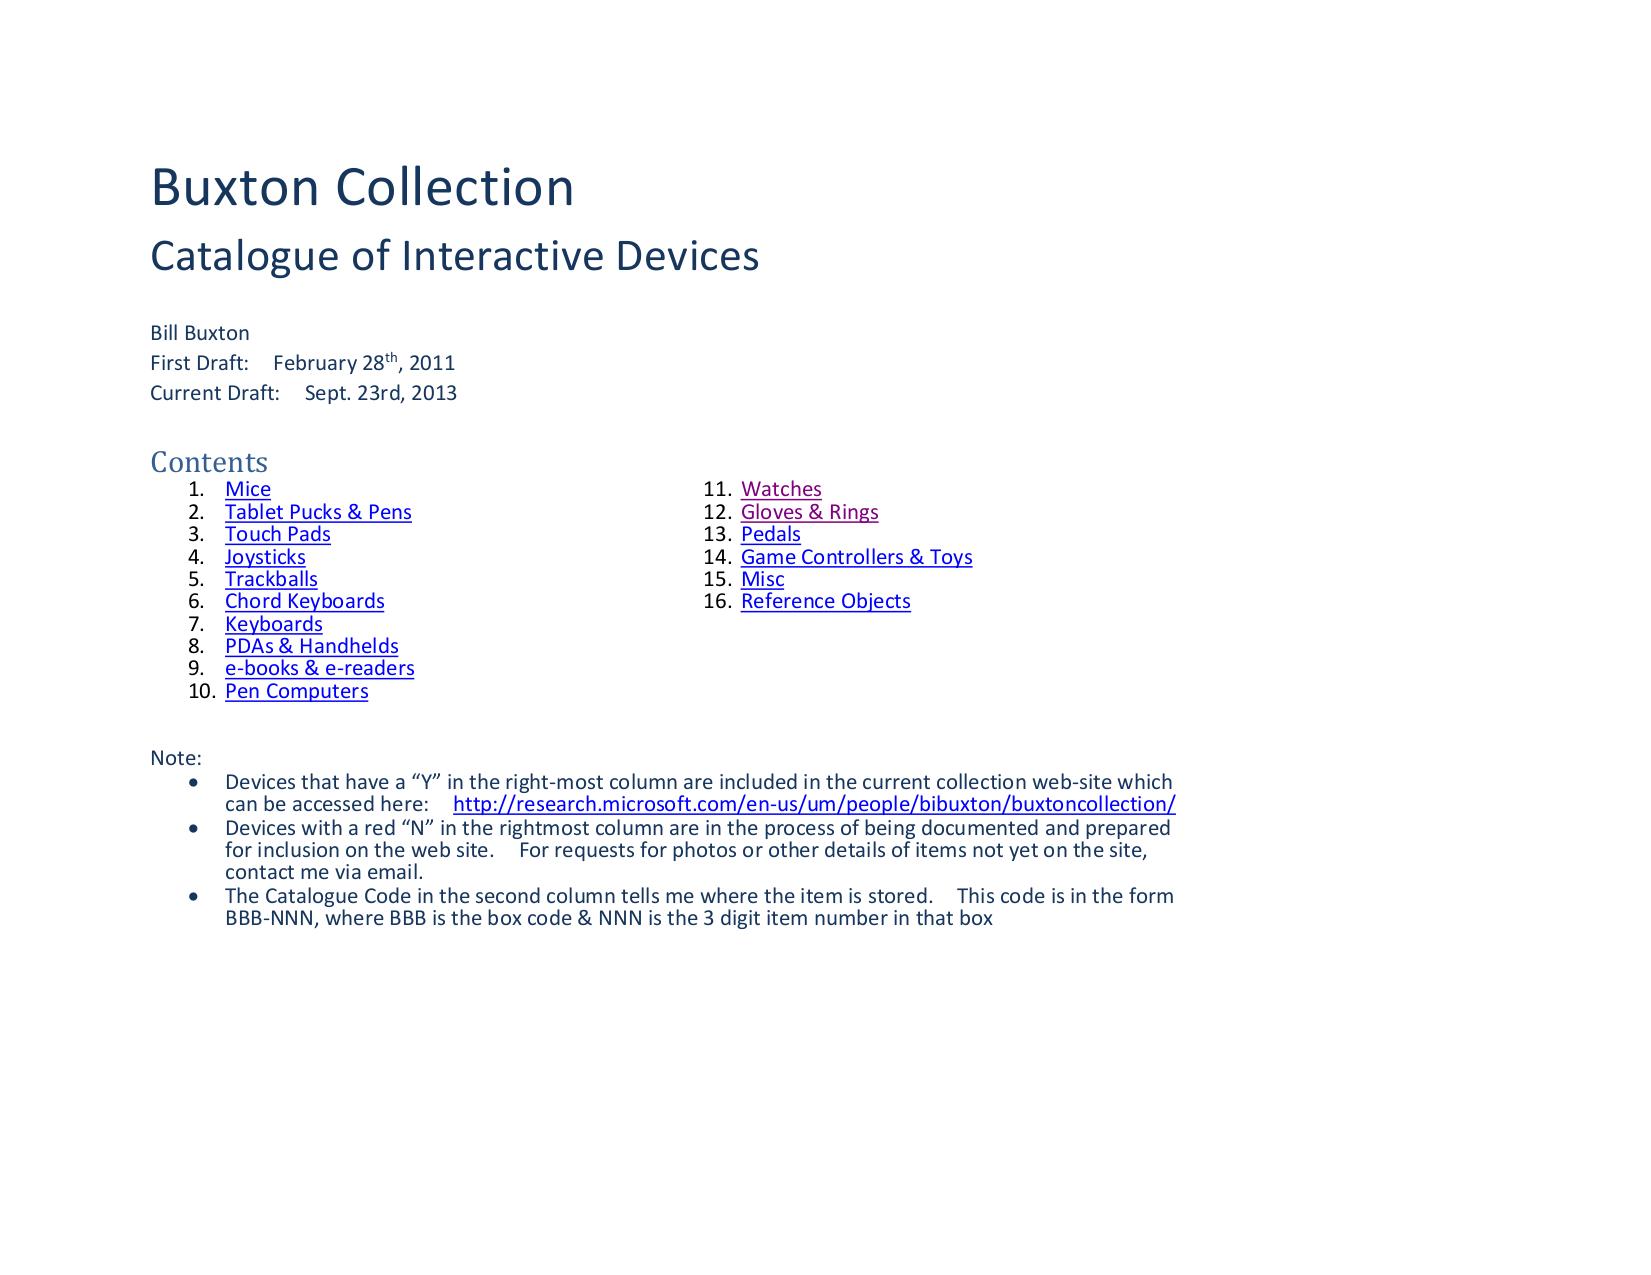 pdf for Kensington Mouse Ci75m manual